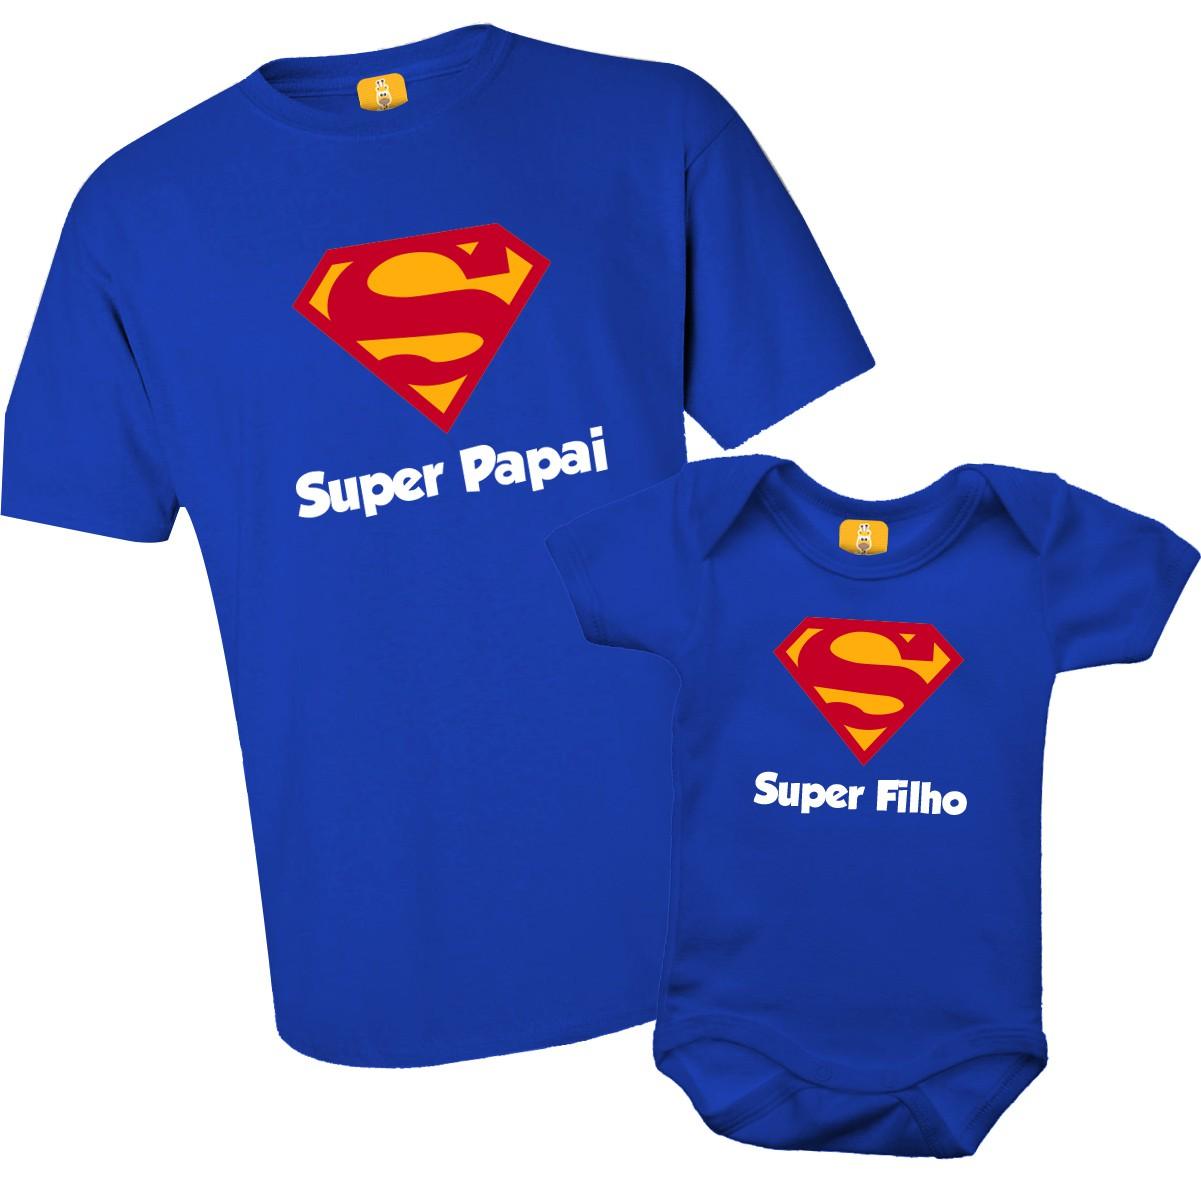 Kit camiseta e body - Super Pai e Super Filho